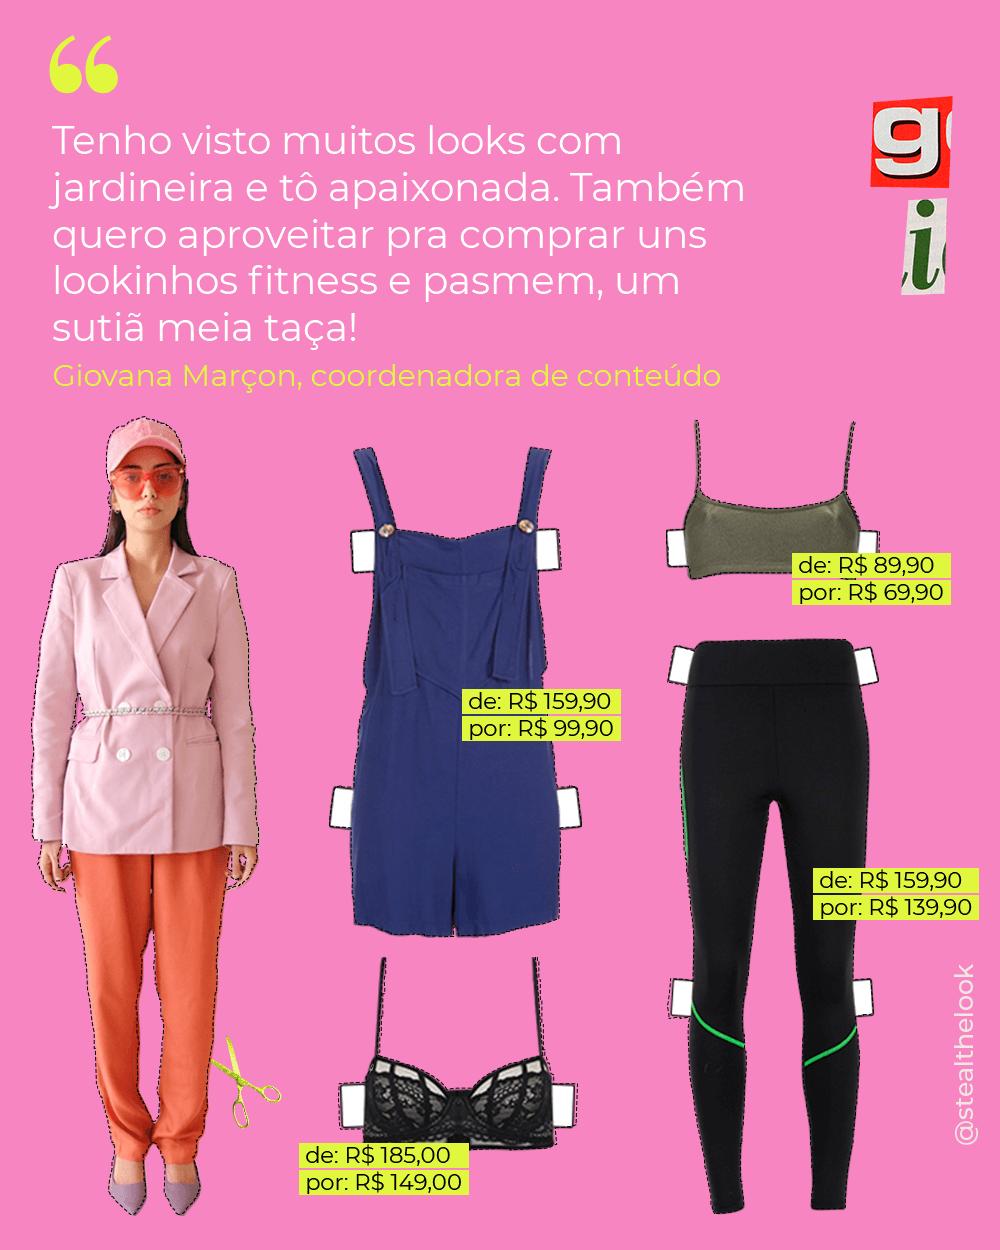 Giovana Marçon - compras na sale - compras sale saldo - inverno - street style - https://stealthelook.com.br